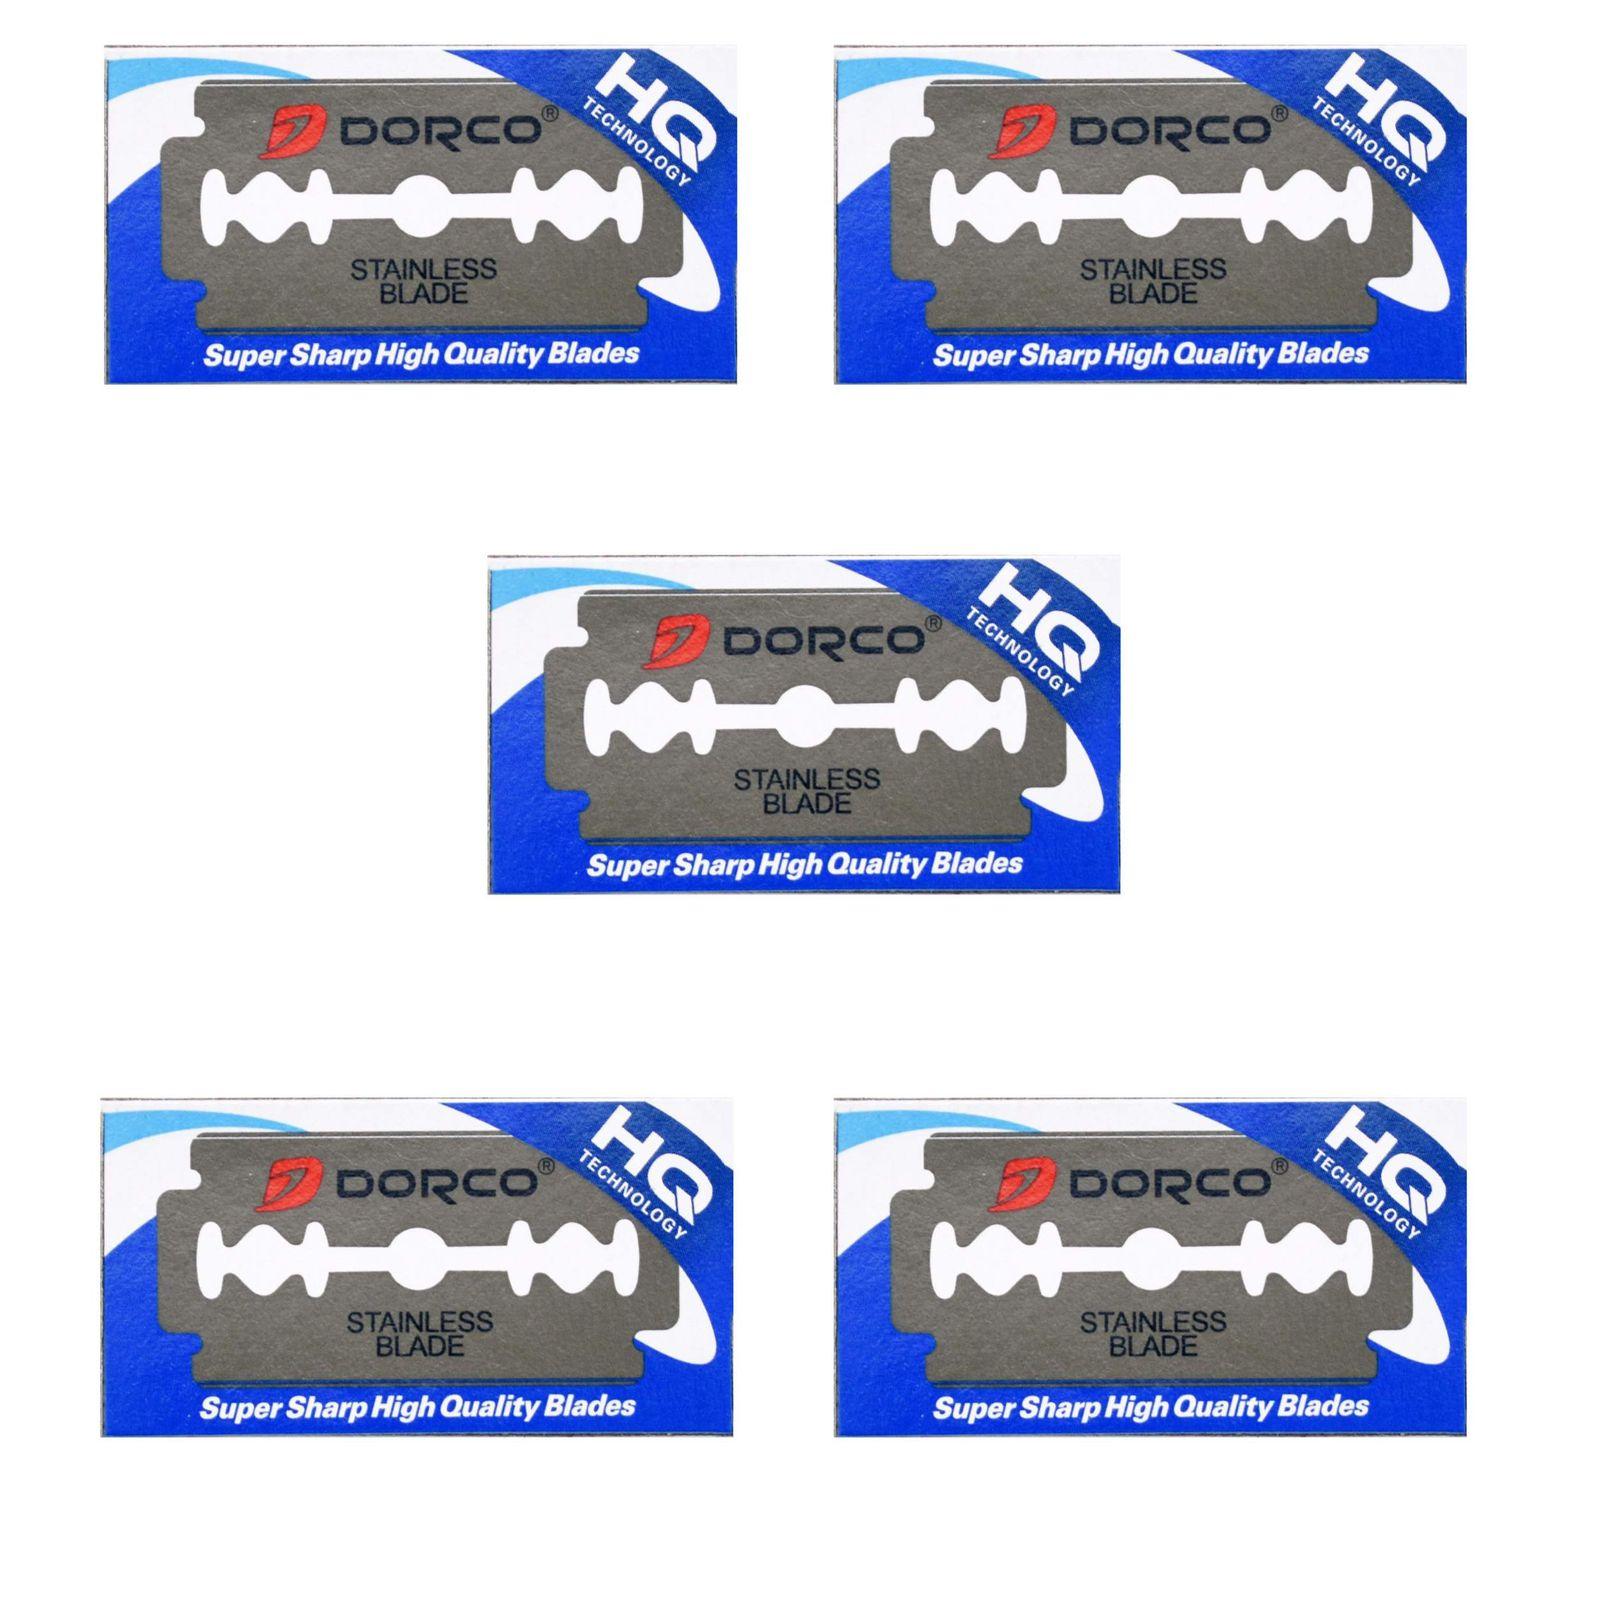 تیغ یدک دورکو مدل HQ-22 مجموعه 5 عددی -  - 2